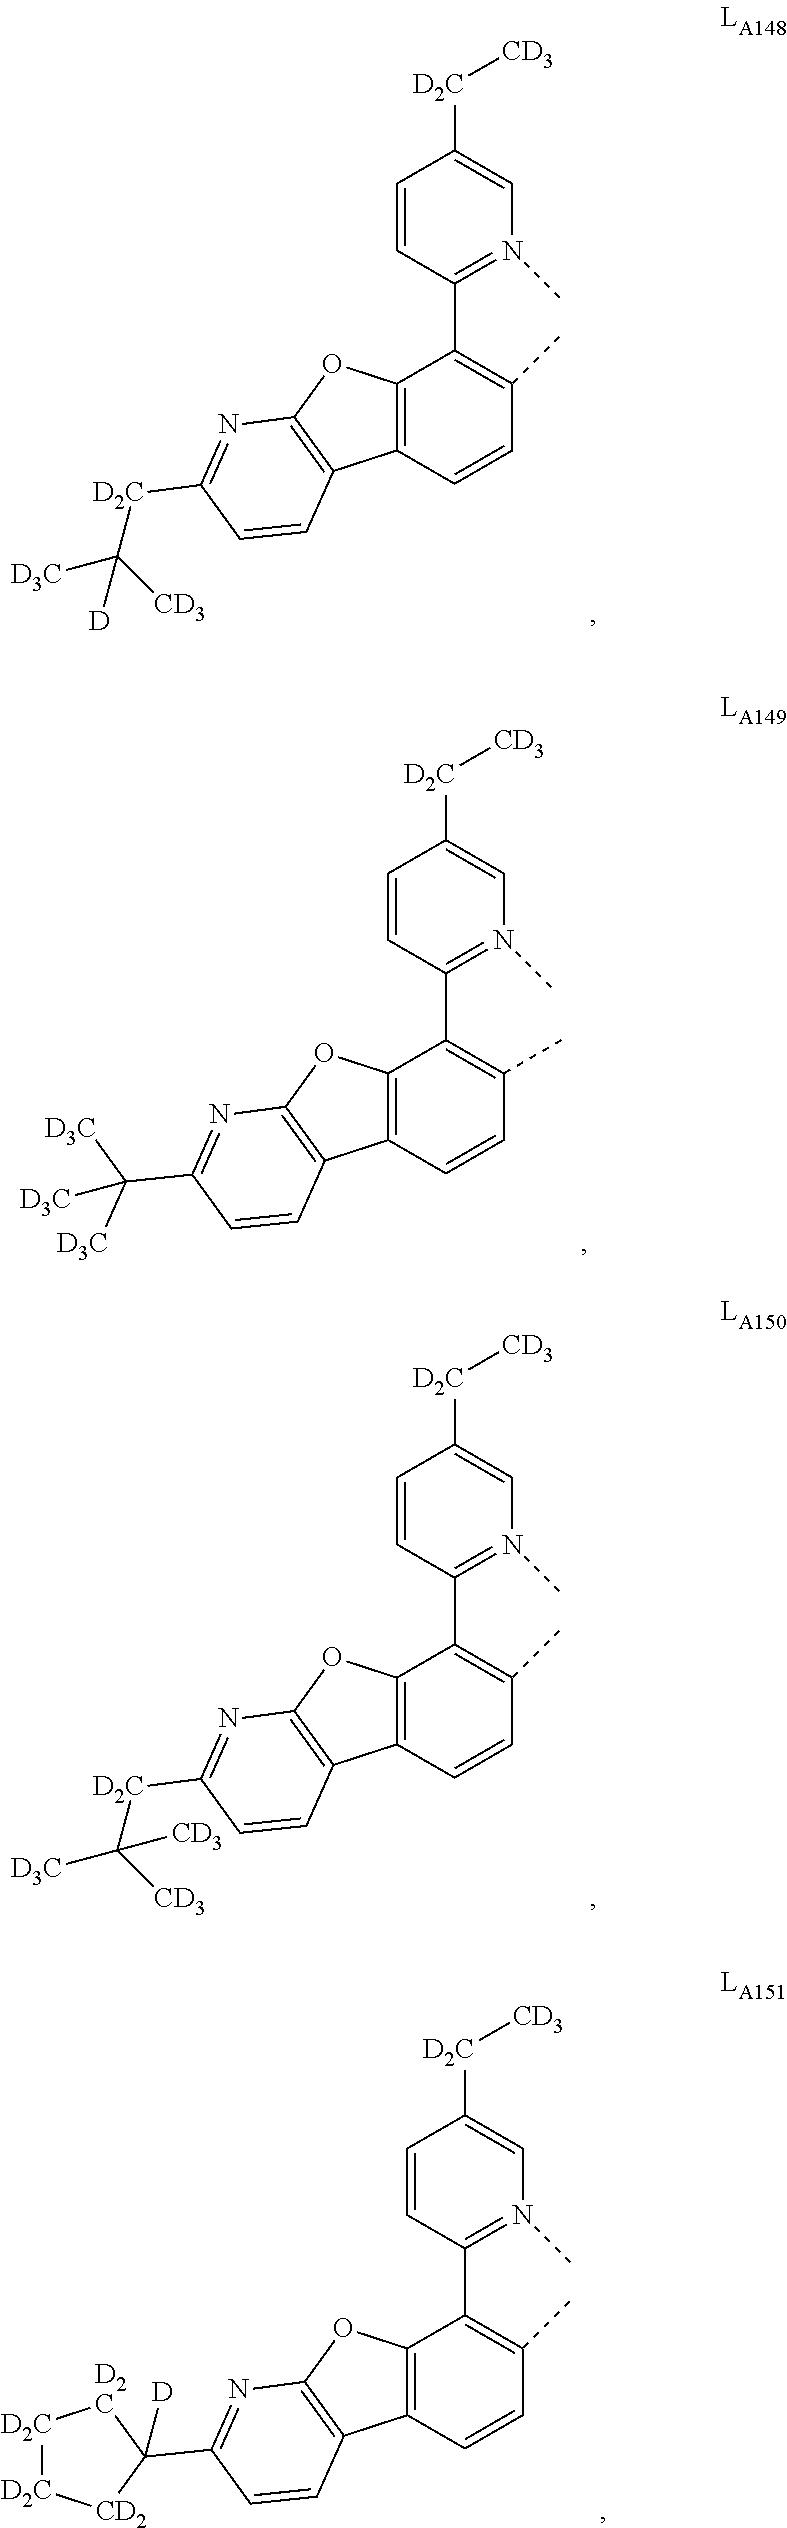 Figure US20160049599A1-20160218-C00430